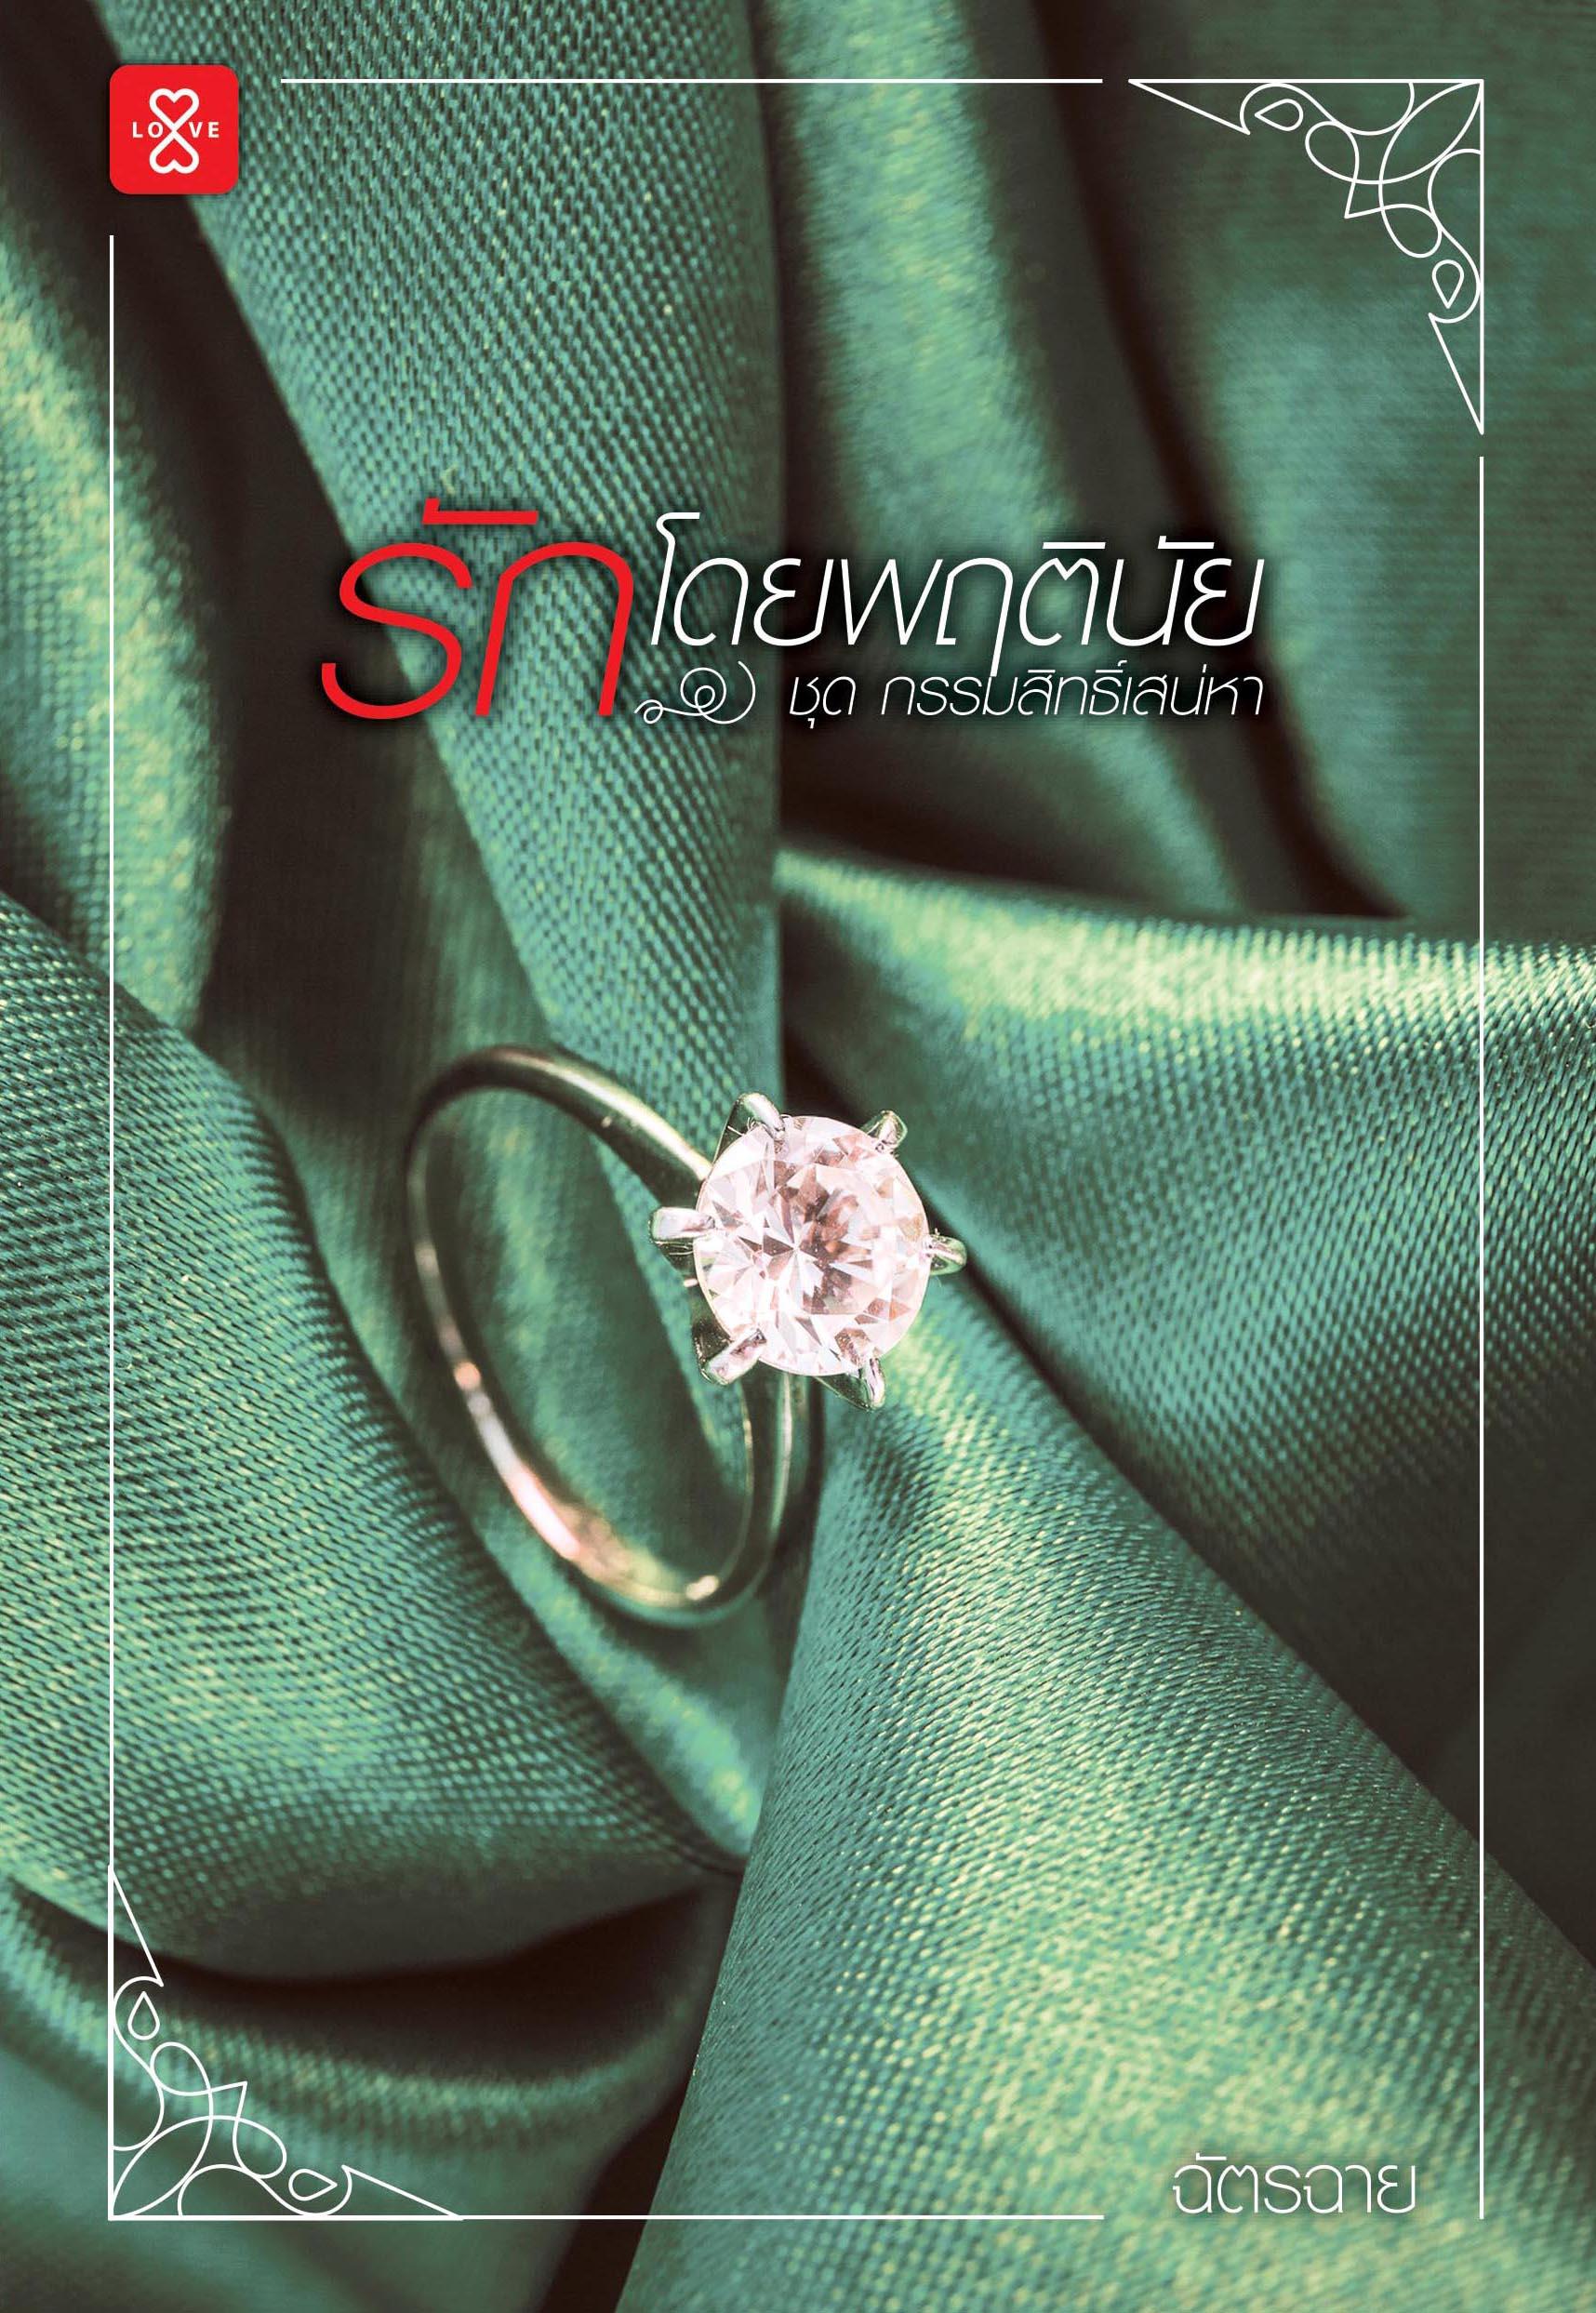 Cover_รักโดยพฤตินัย